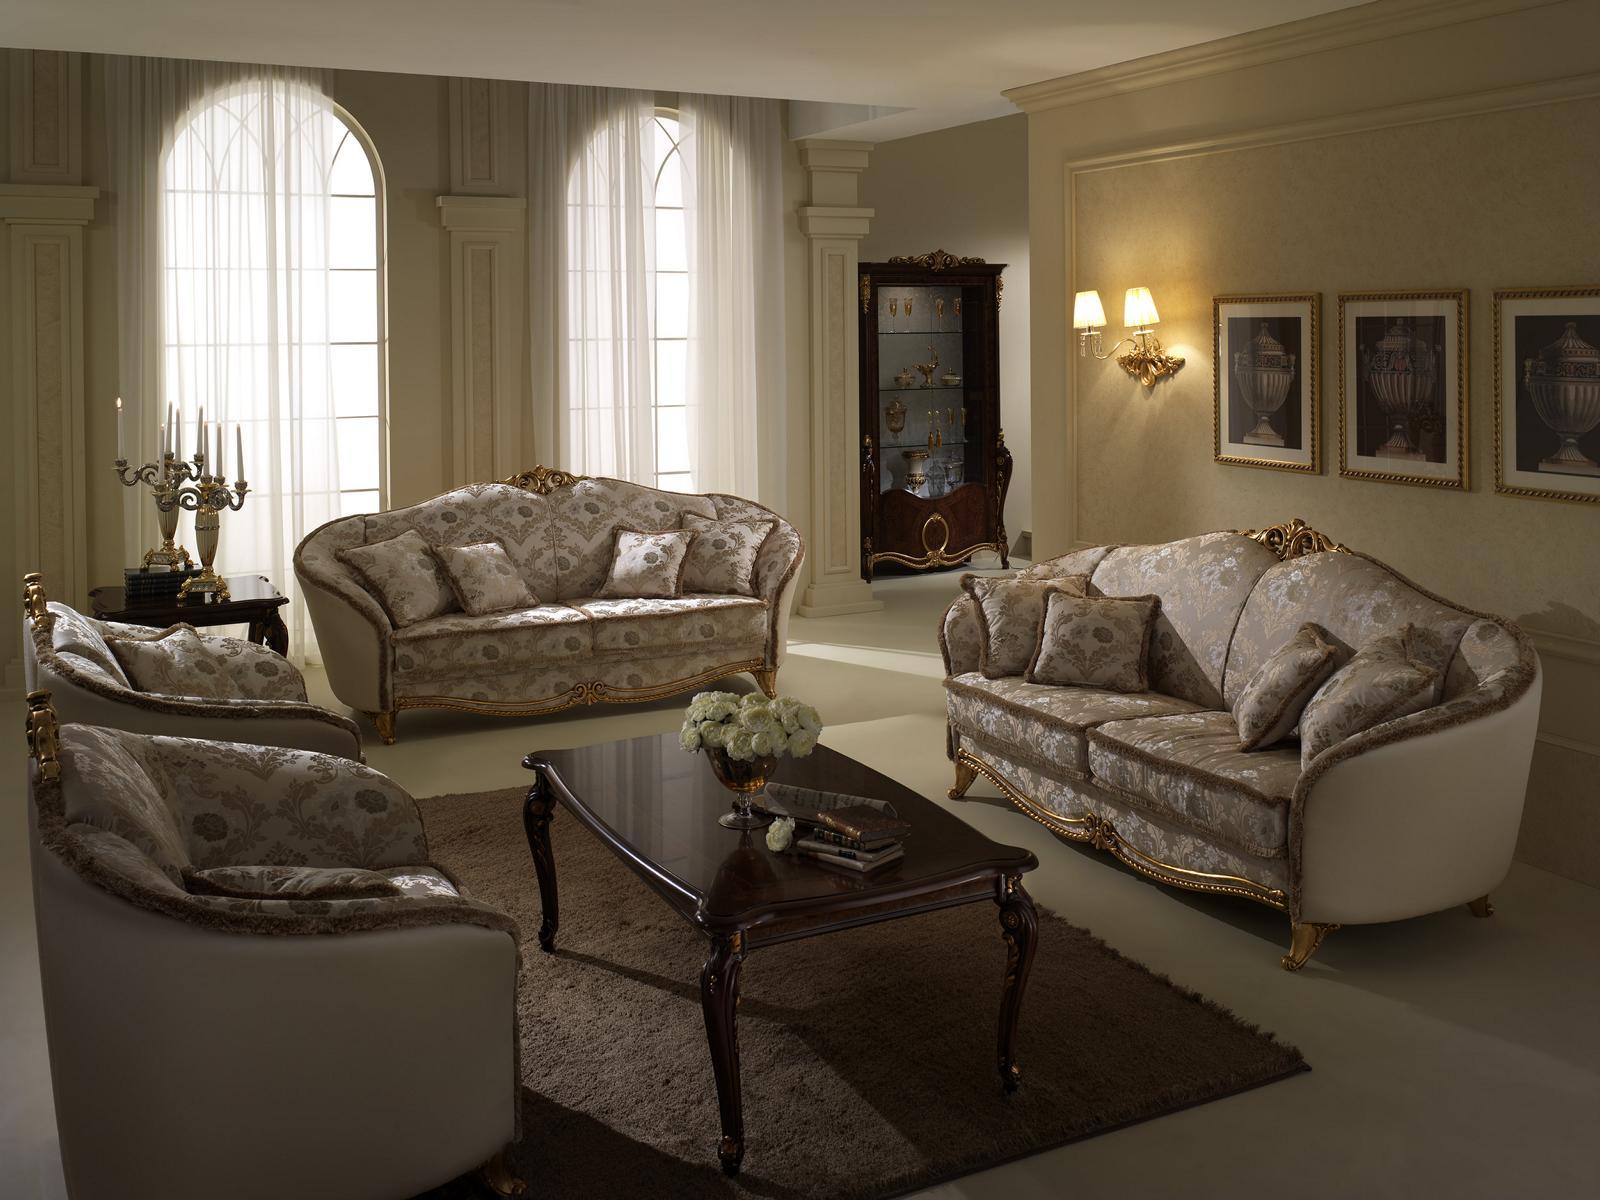 Luxus Klasse 3+1 Italienische Möbel Sofagarnitur Couch Sofa Neu arredoclassic™ !